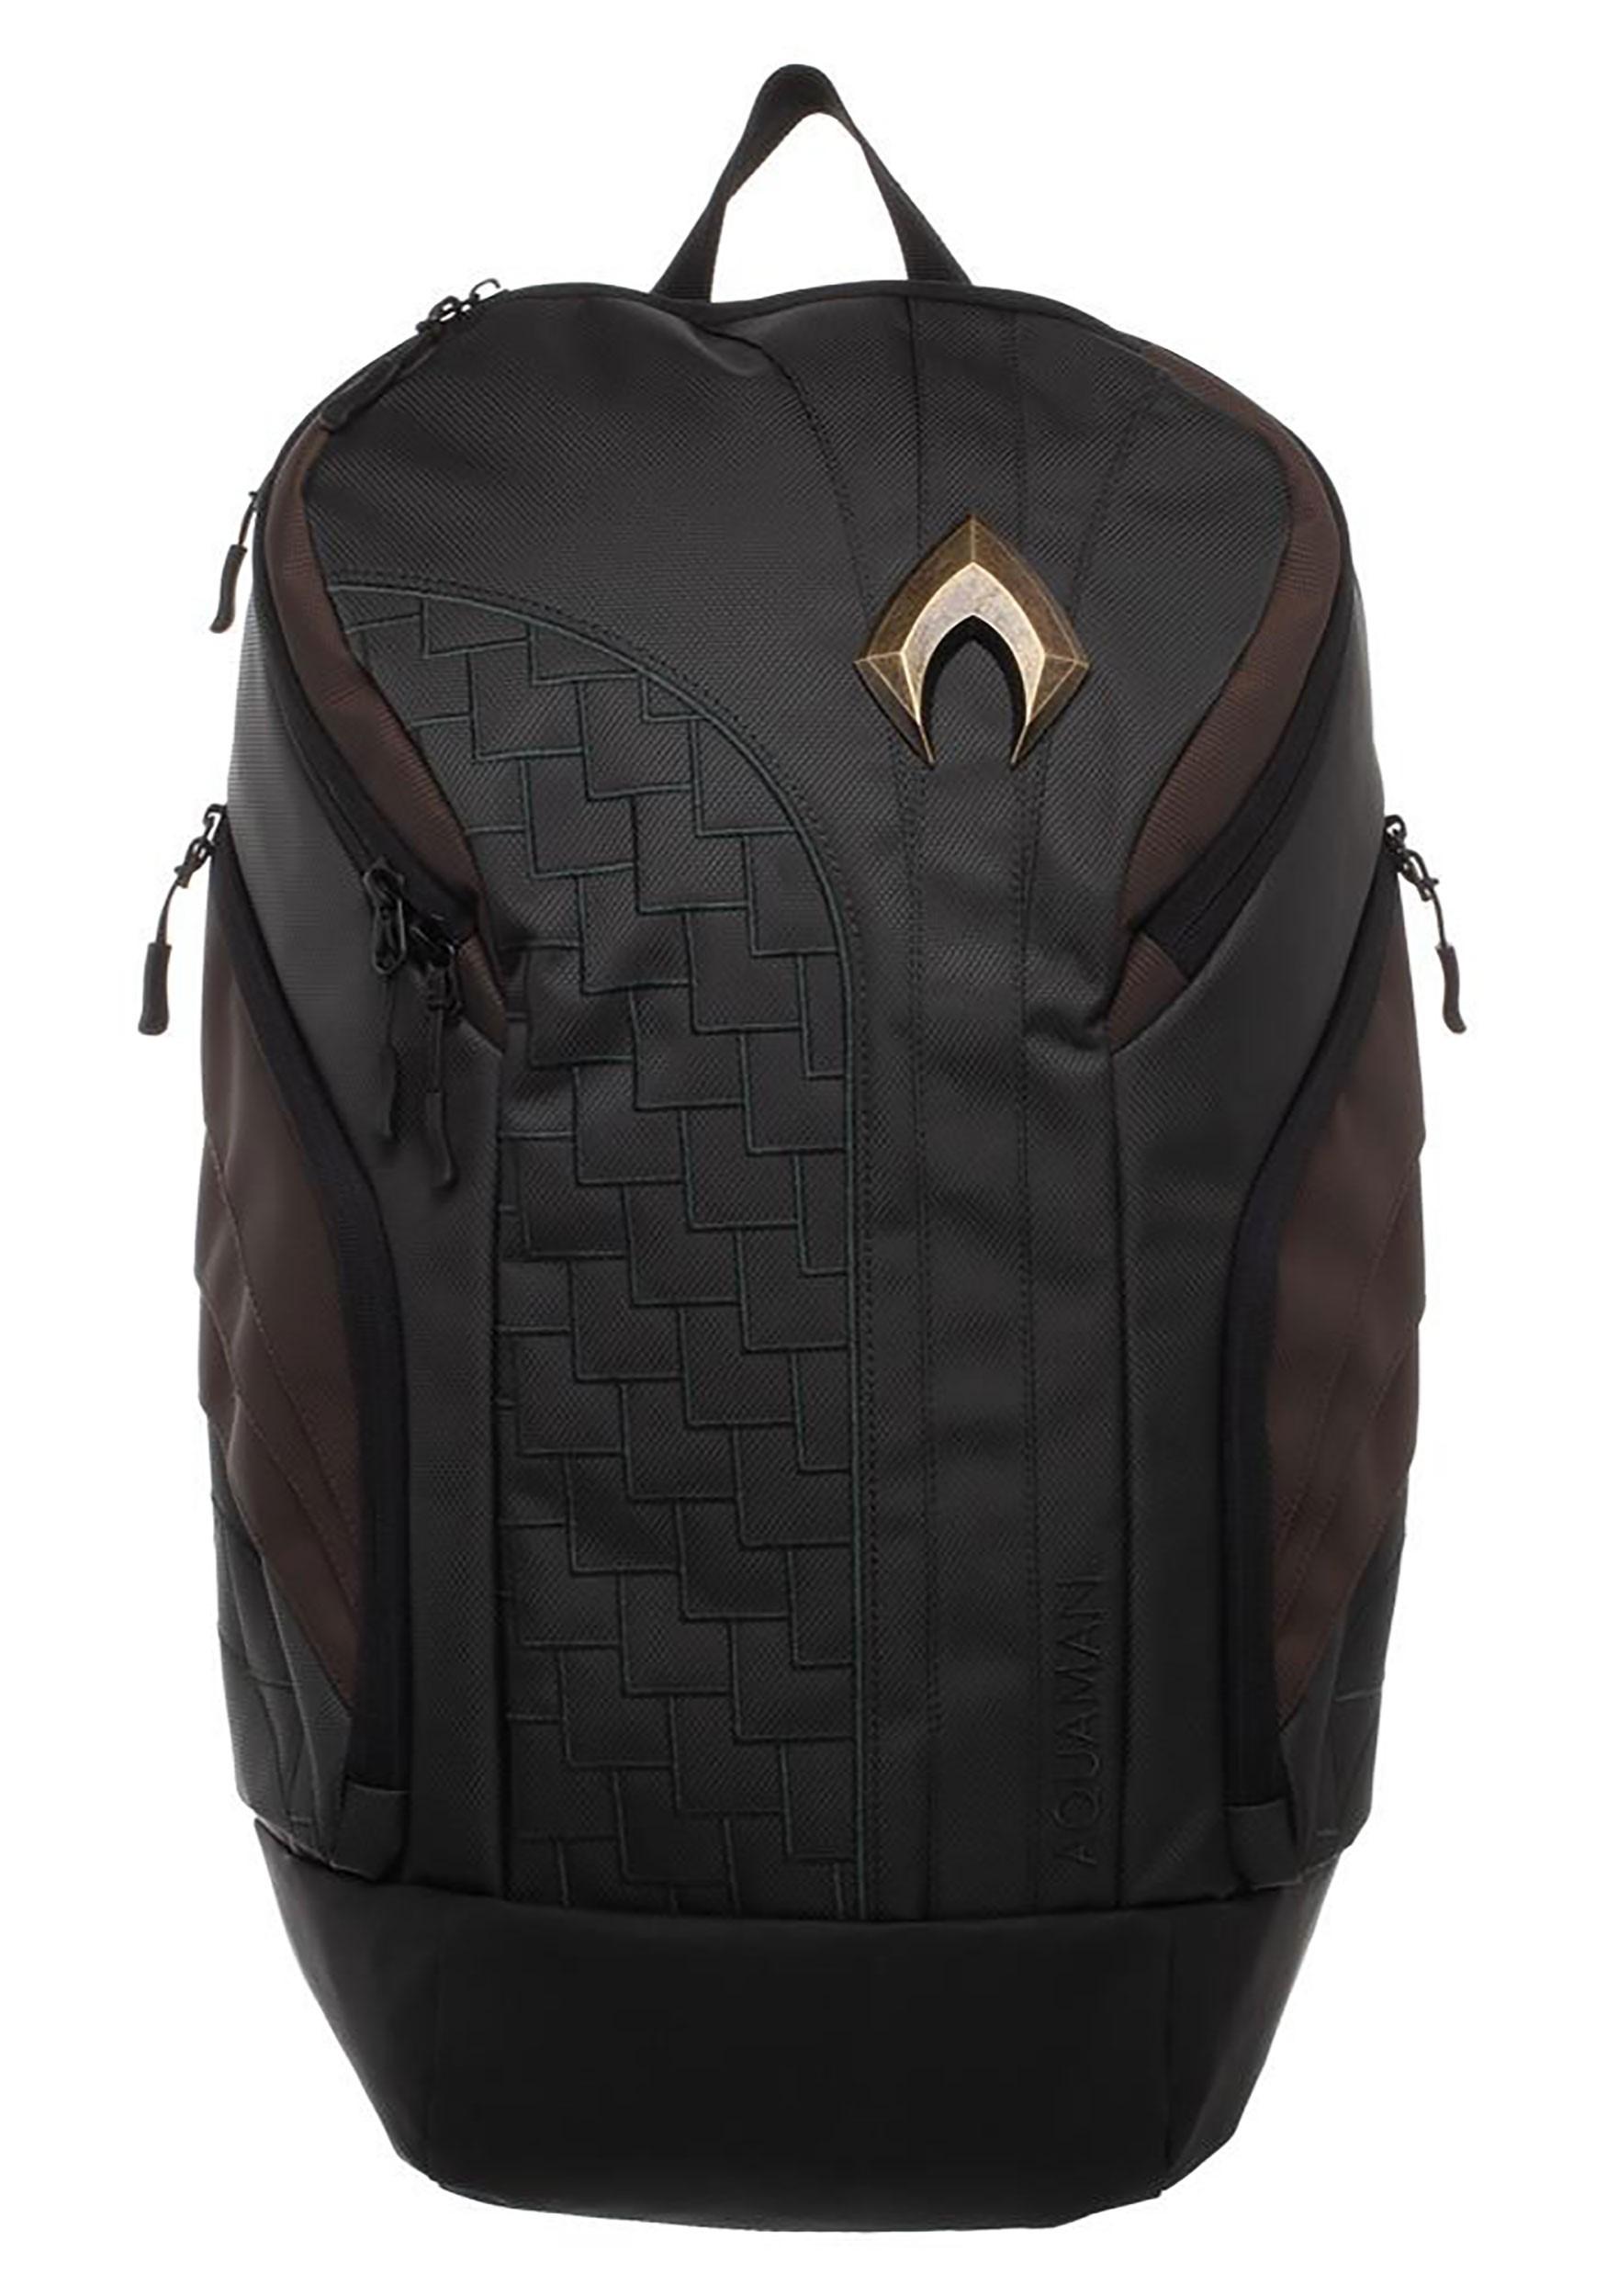 DC Aquaman Built Up Backpack